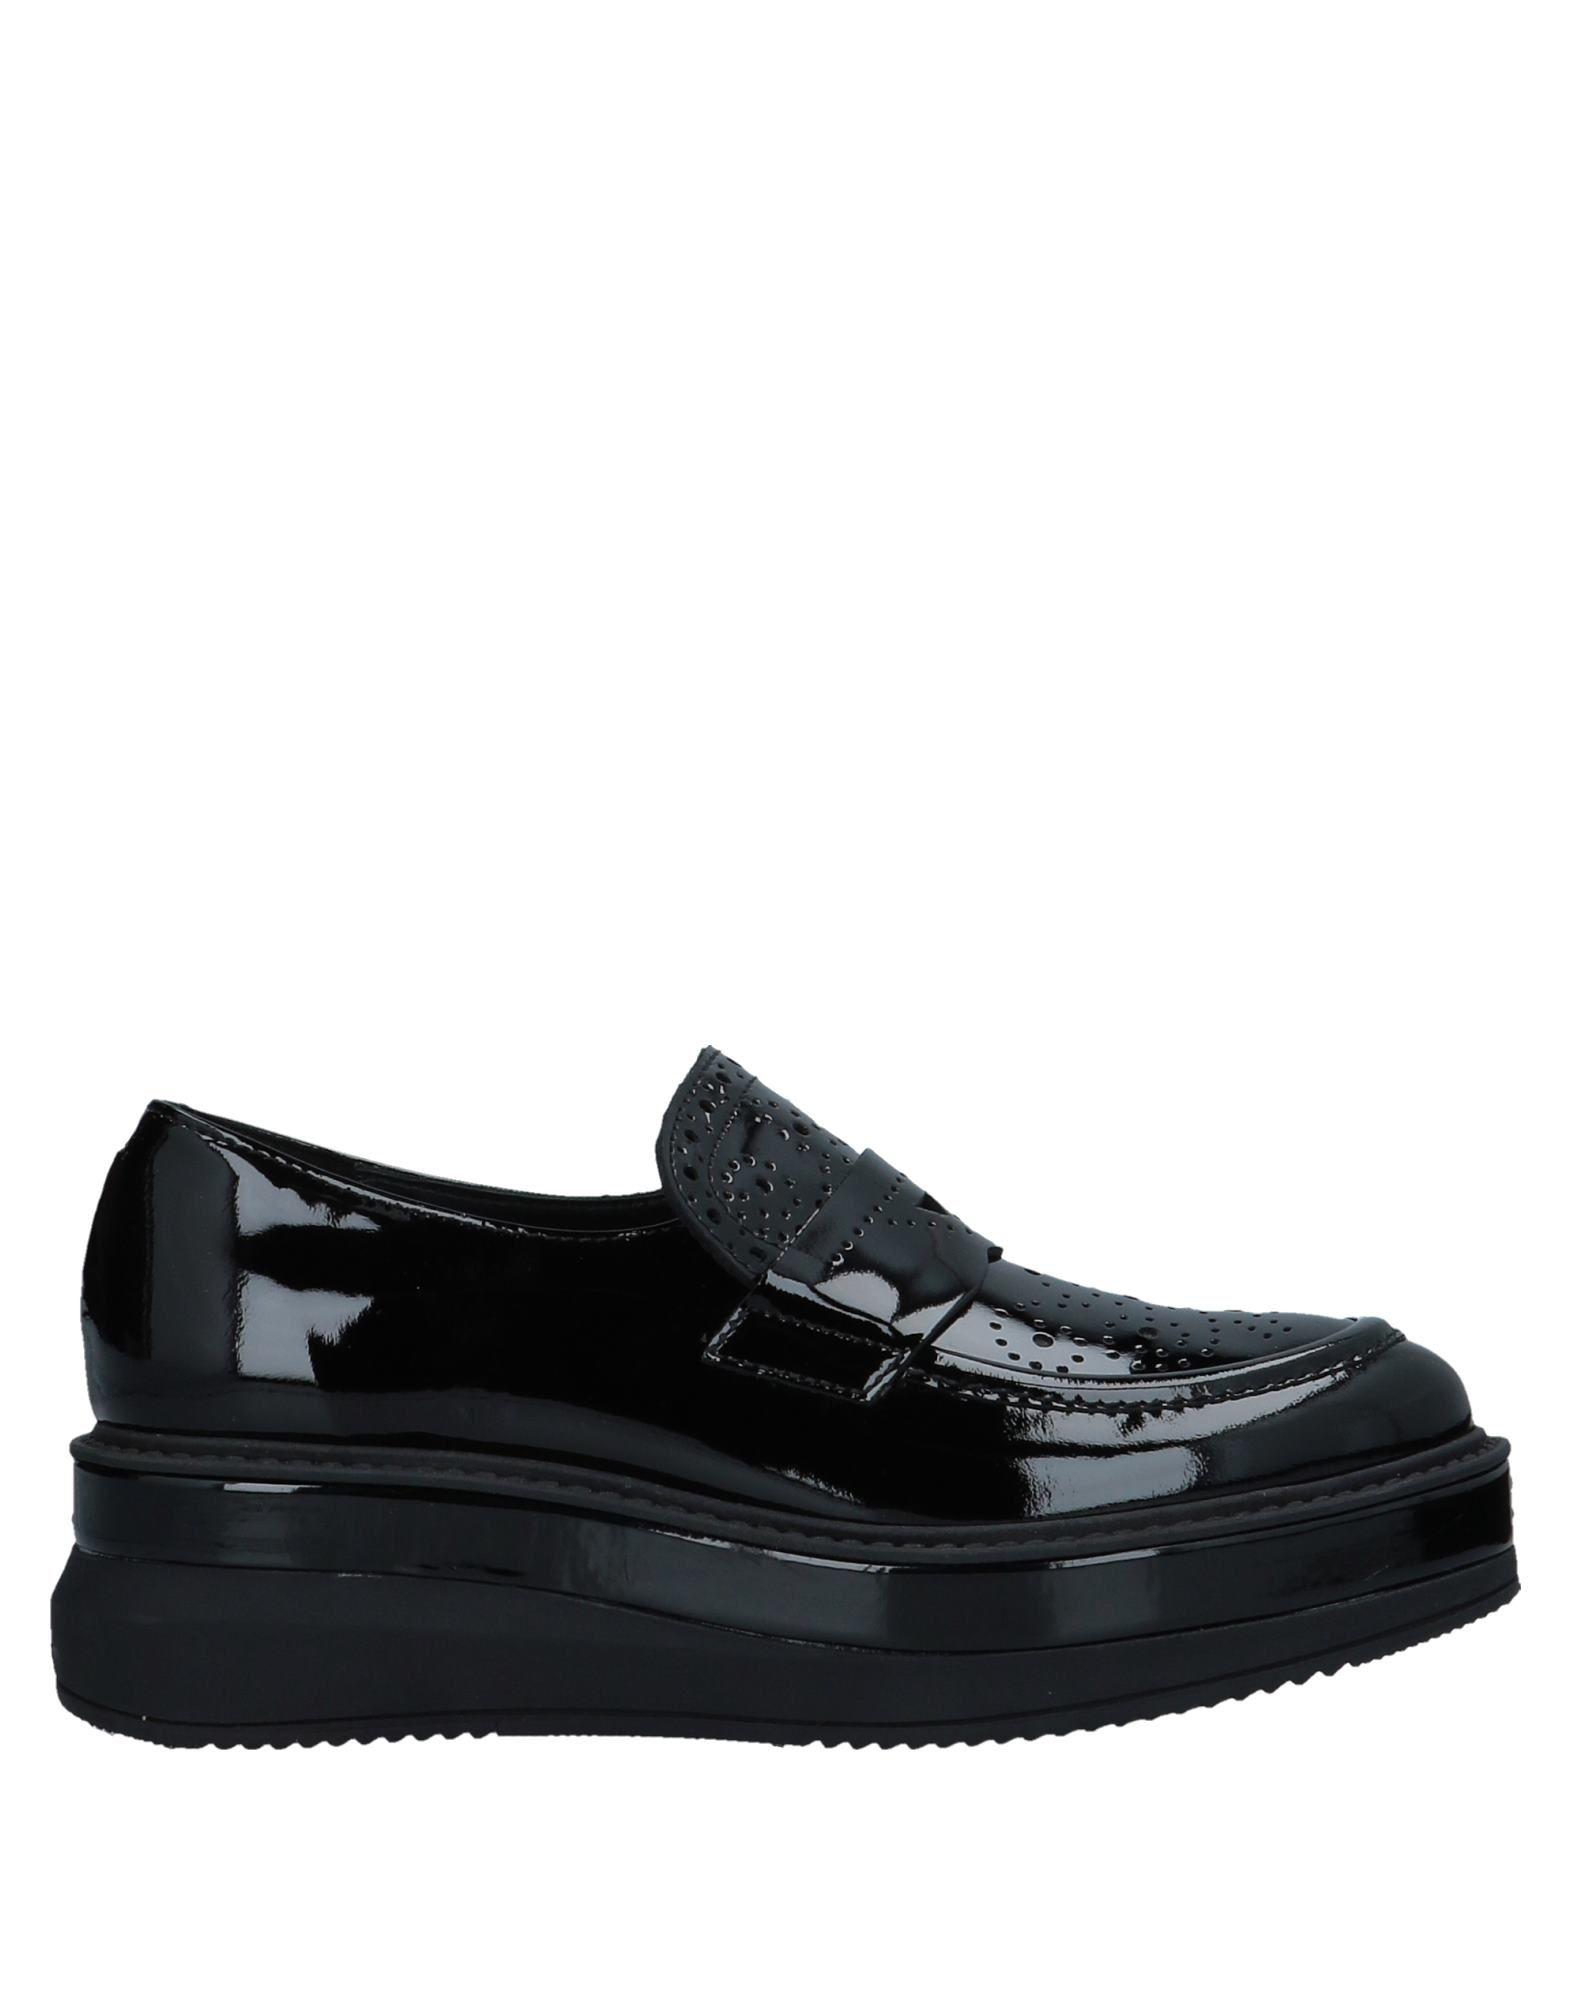 Peperosa Mokassins Damen  11516822PG Gute Qualität beliebte Schuhe